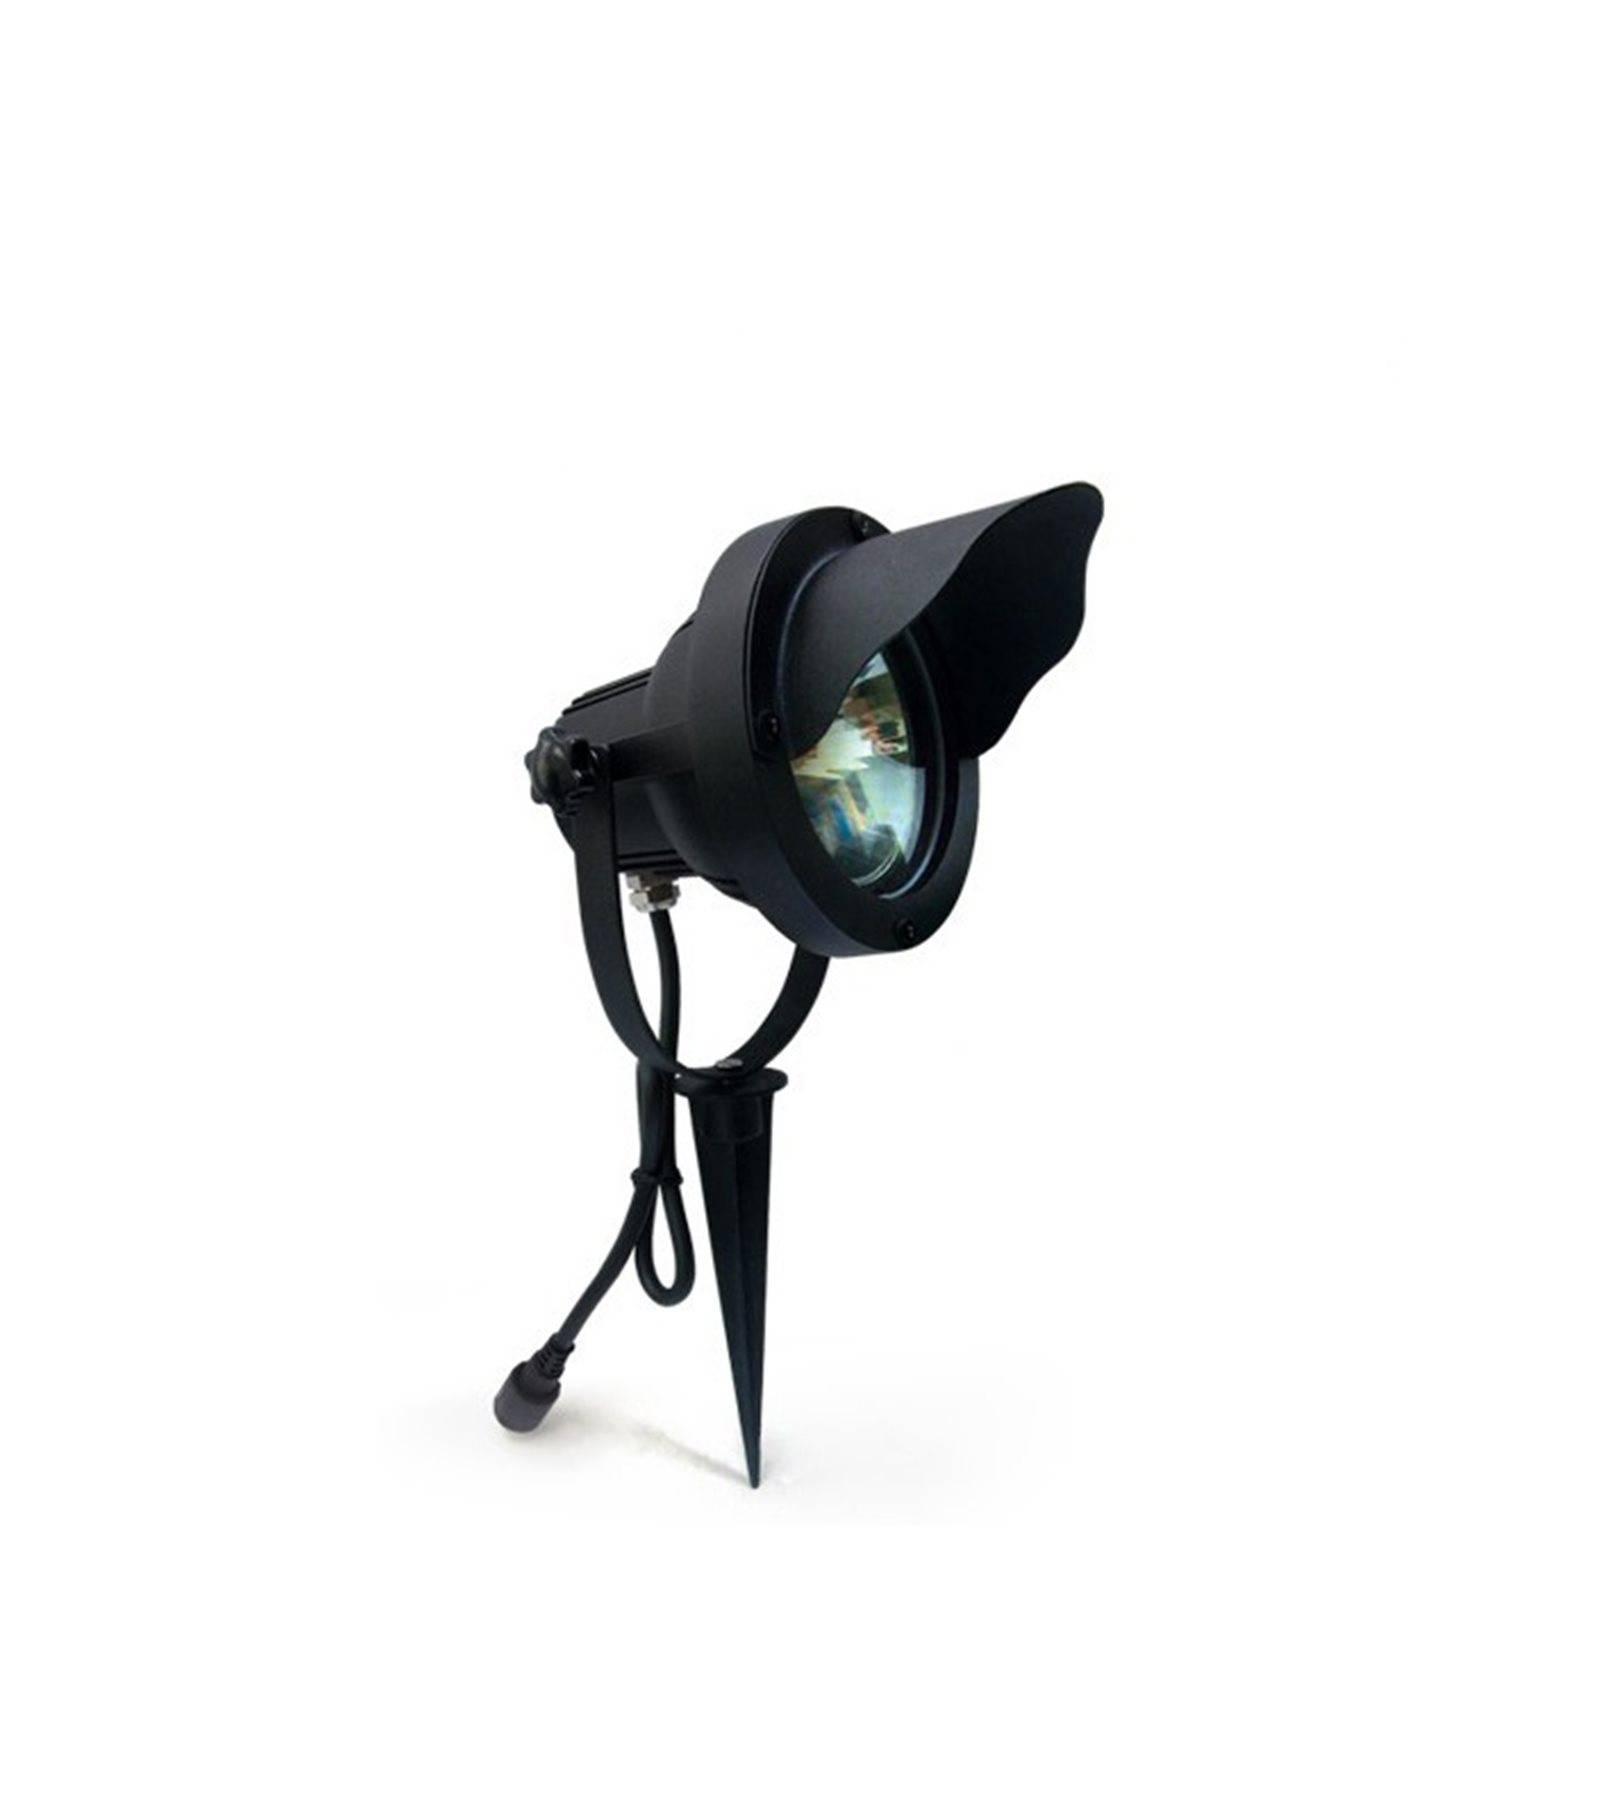 spot projecteur piquer alu noir optimum gu10 mr30 ip67 orientable ext rieur easy connect. Black Bedroom Furniture Sets. Home Design Ideas